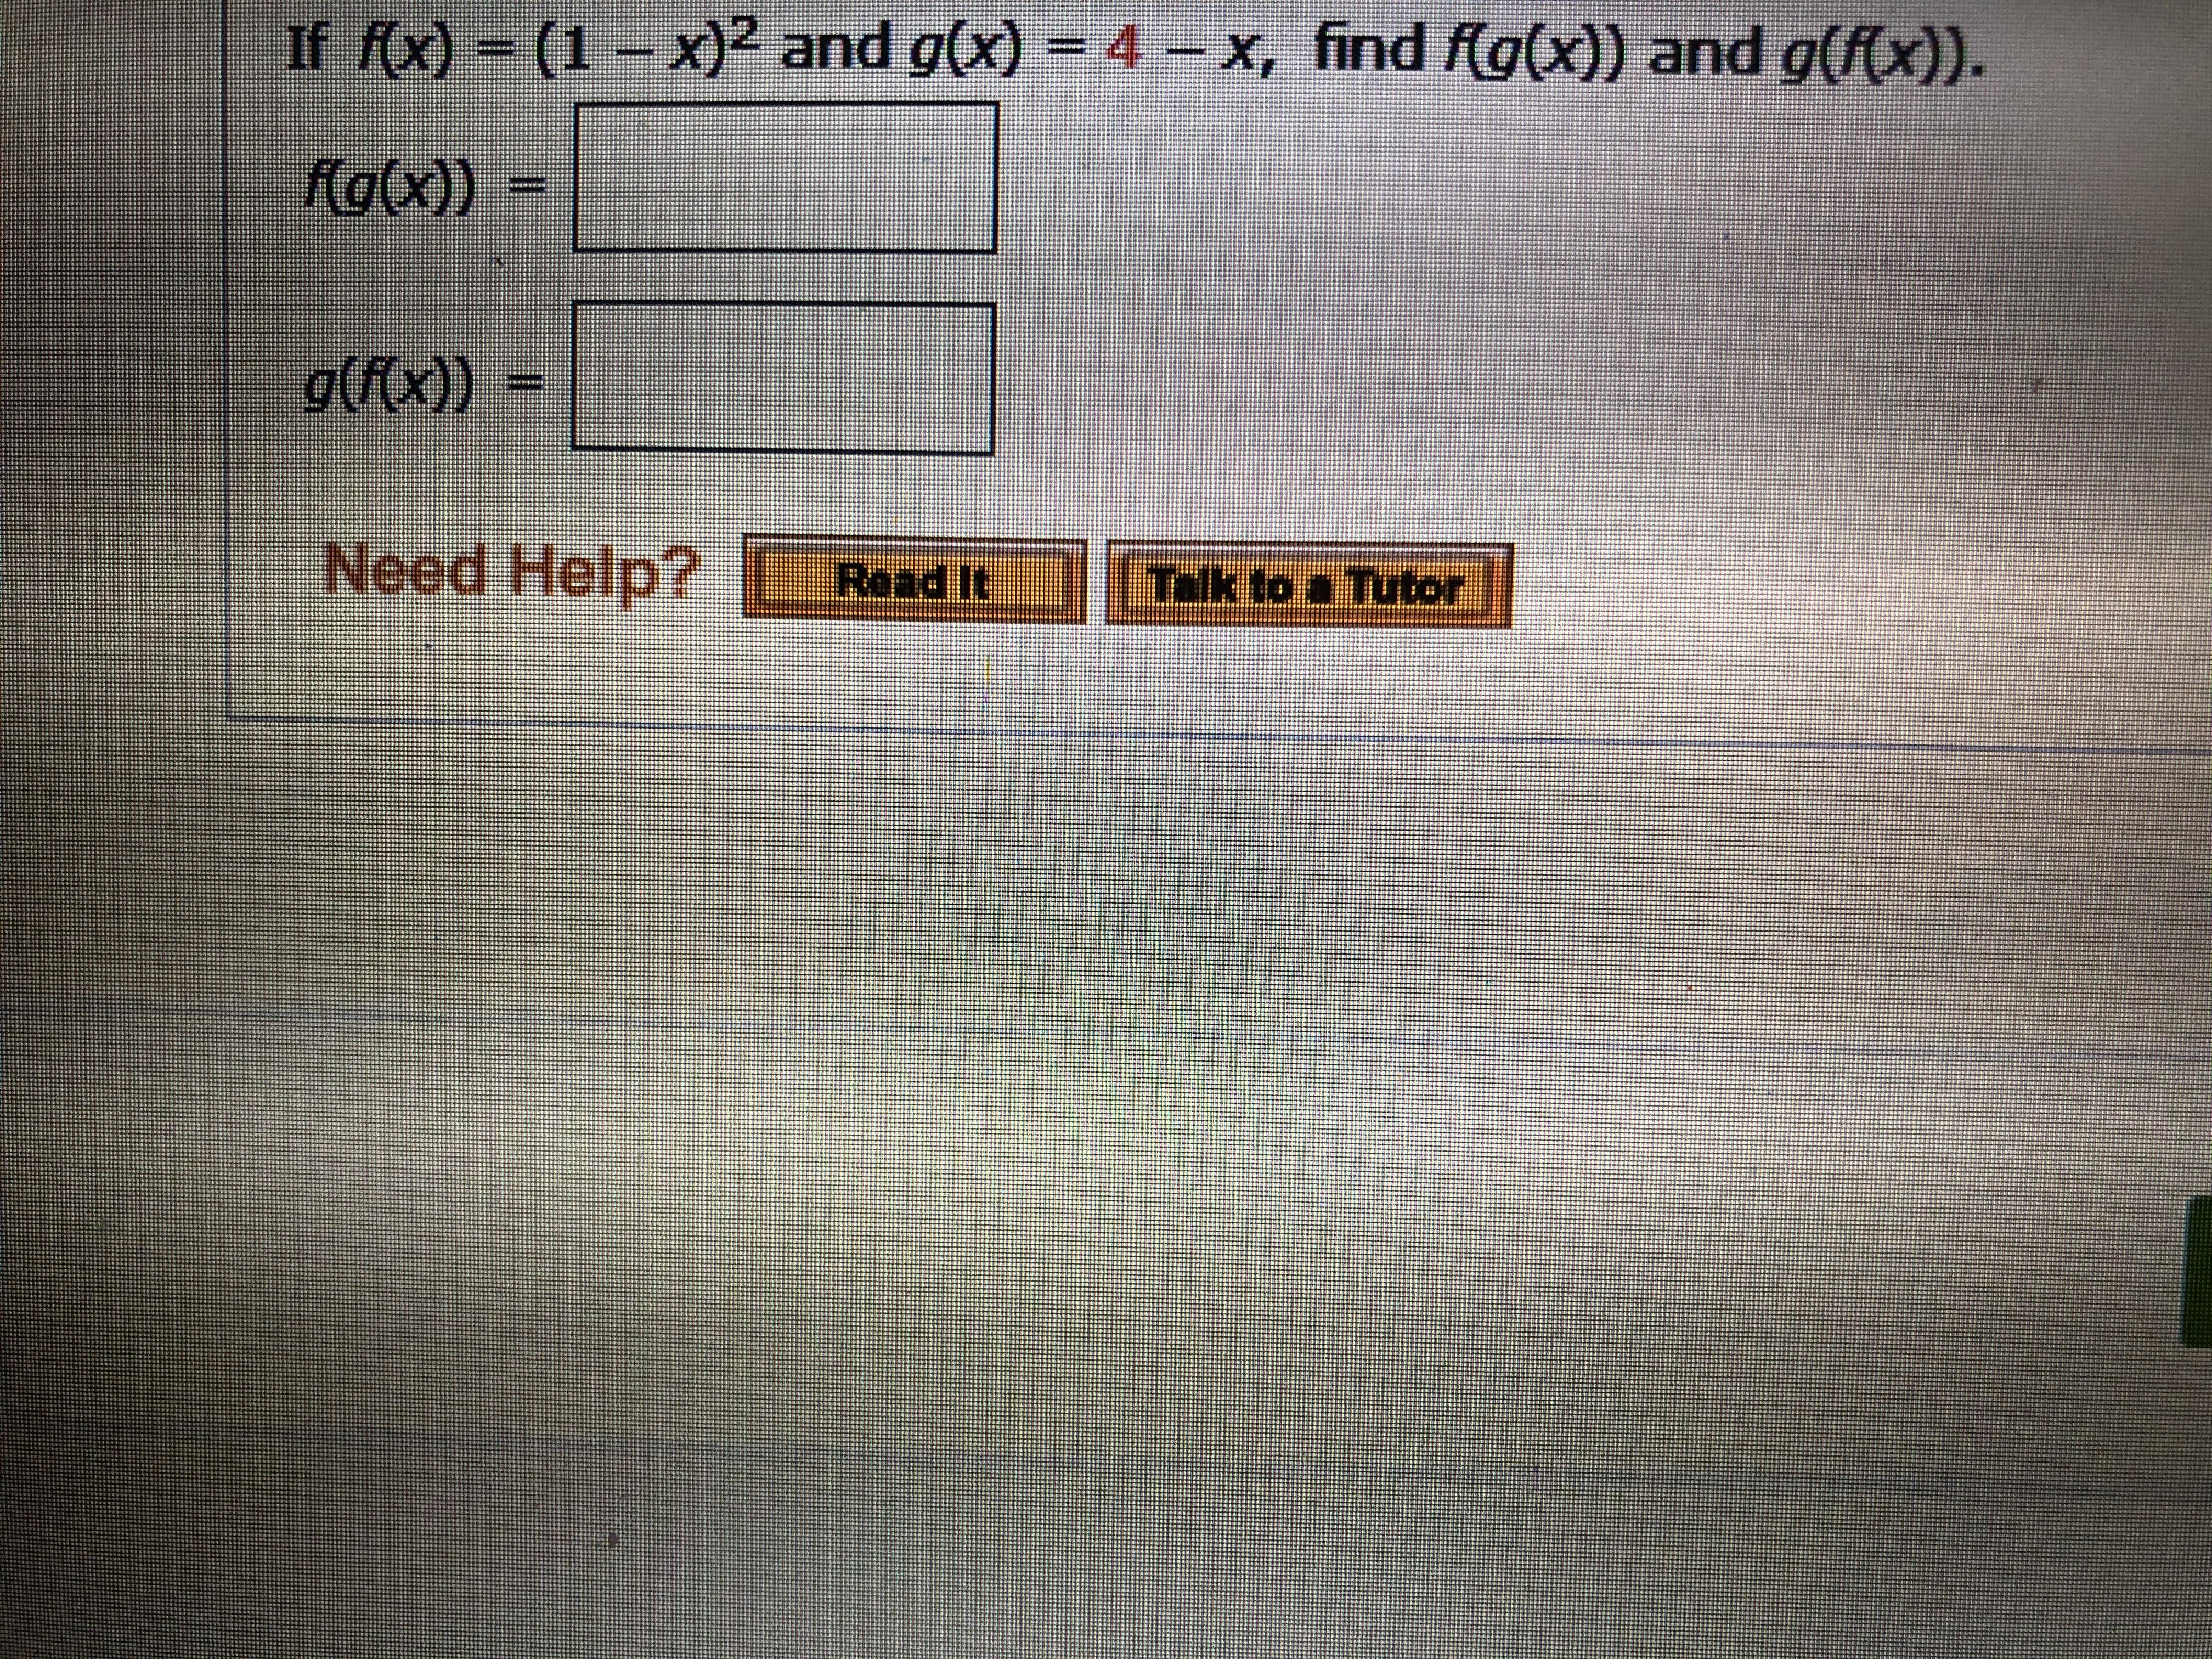 If fx) (1-x)2 and g(x) = 4-x, find f(g(x)) and g((x)). fo(x)) g((x)) Need Help? L Read It Tkto Tutor